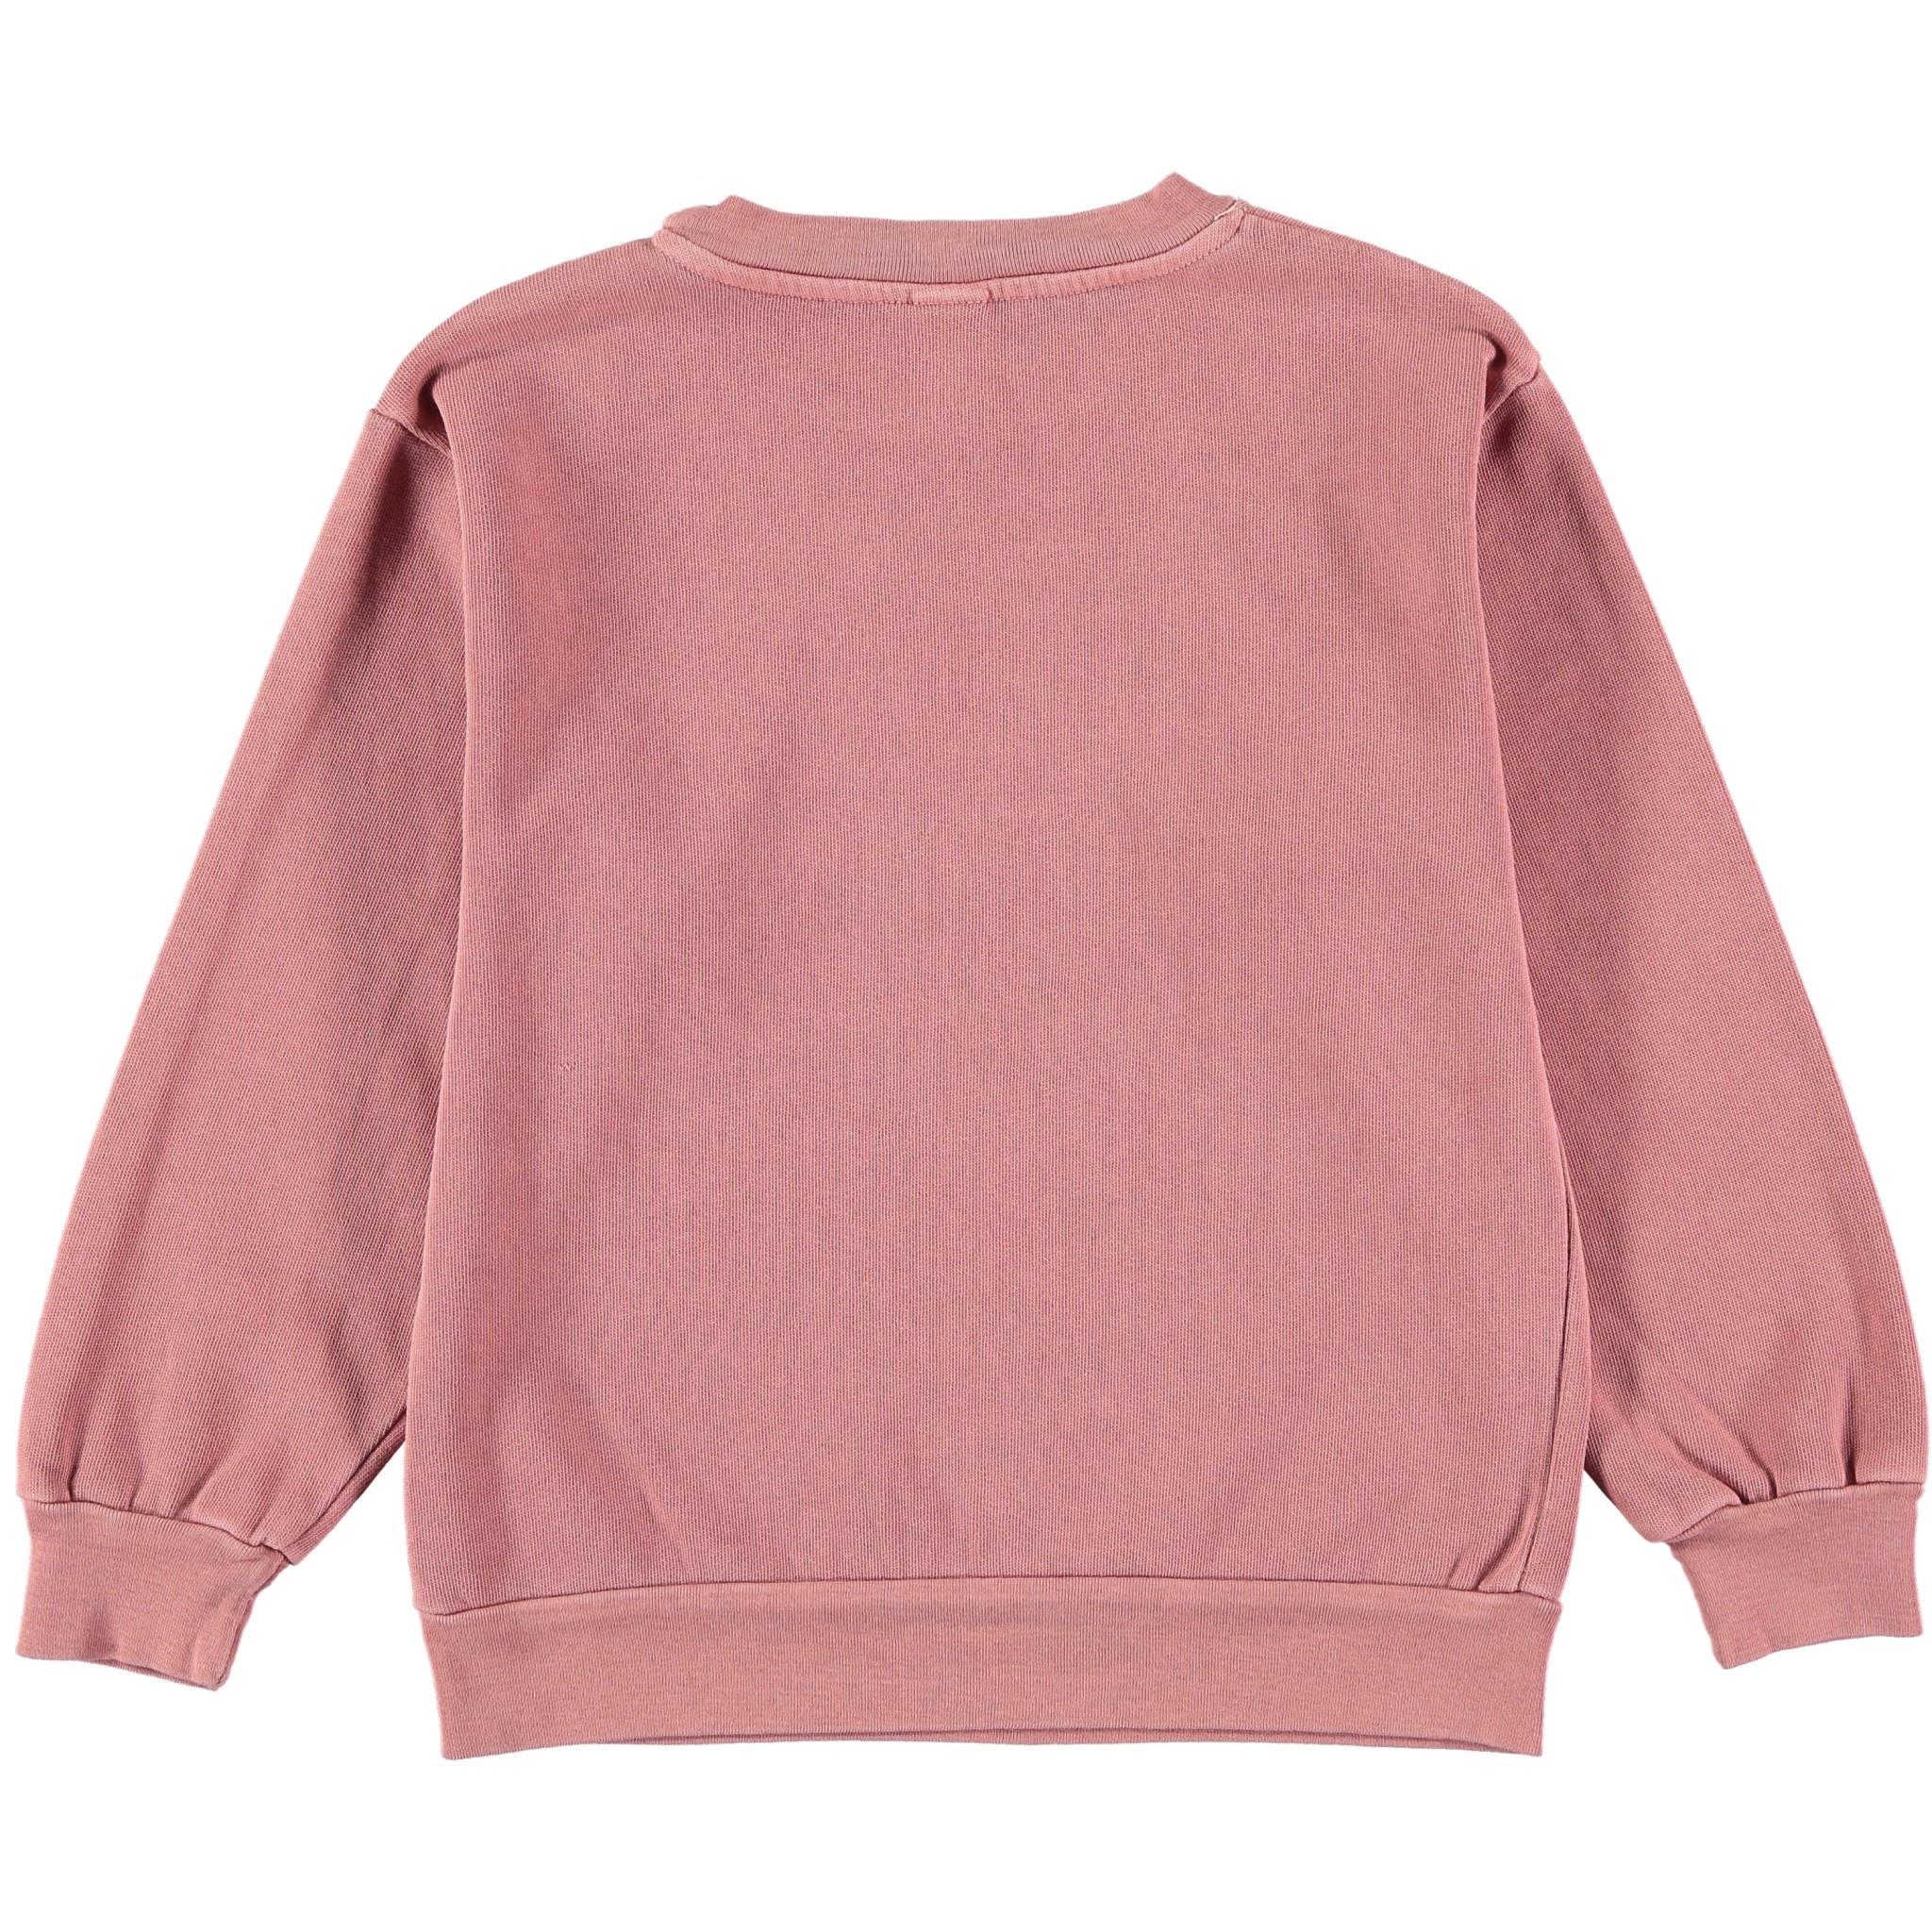 Sweatshirt bonmot mountain rust-2